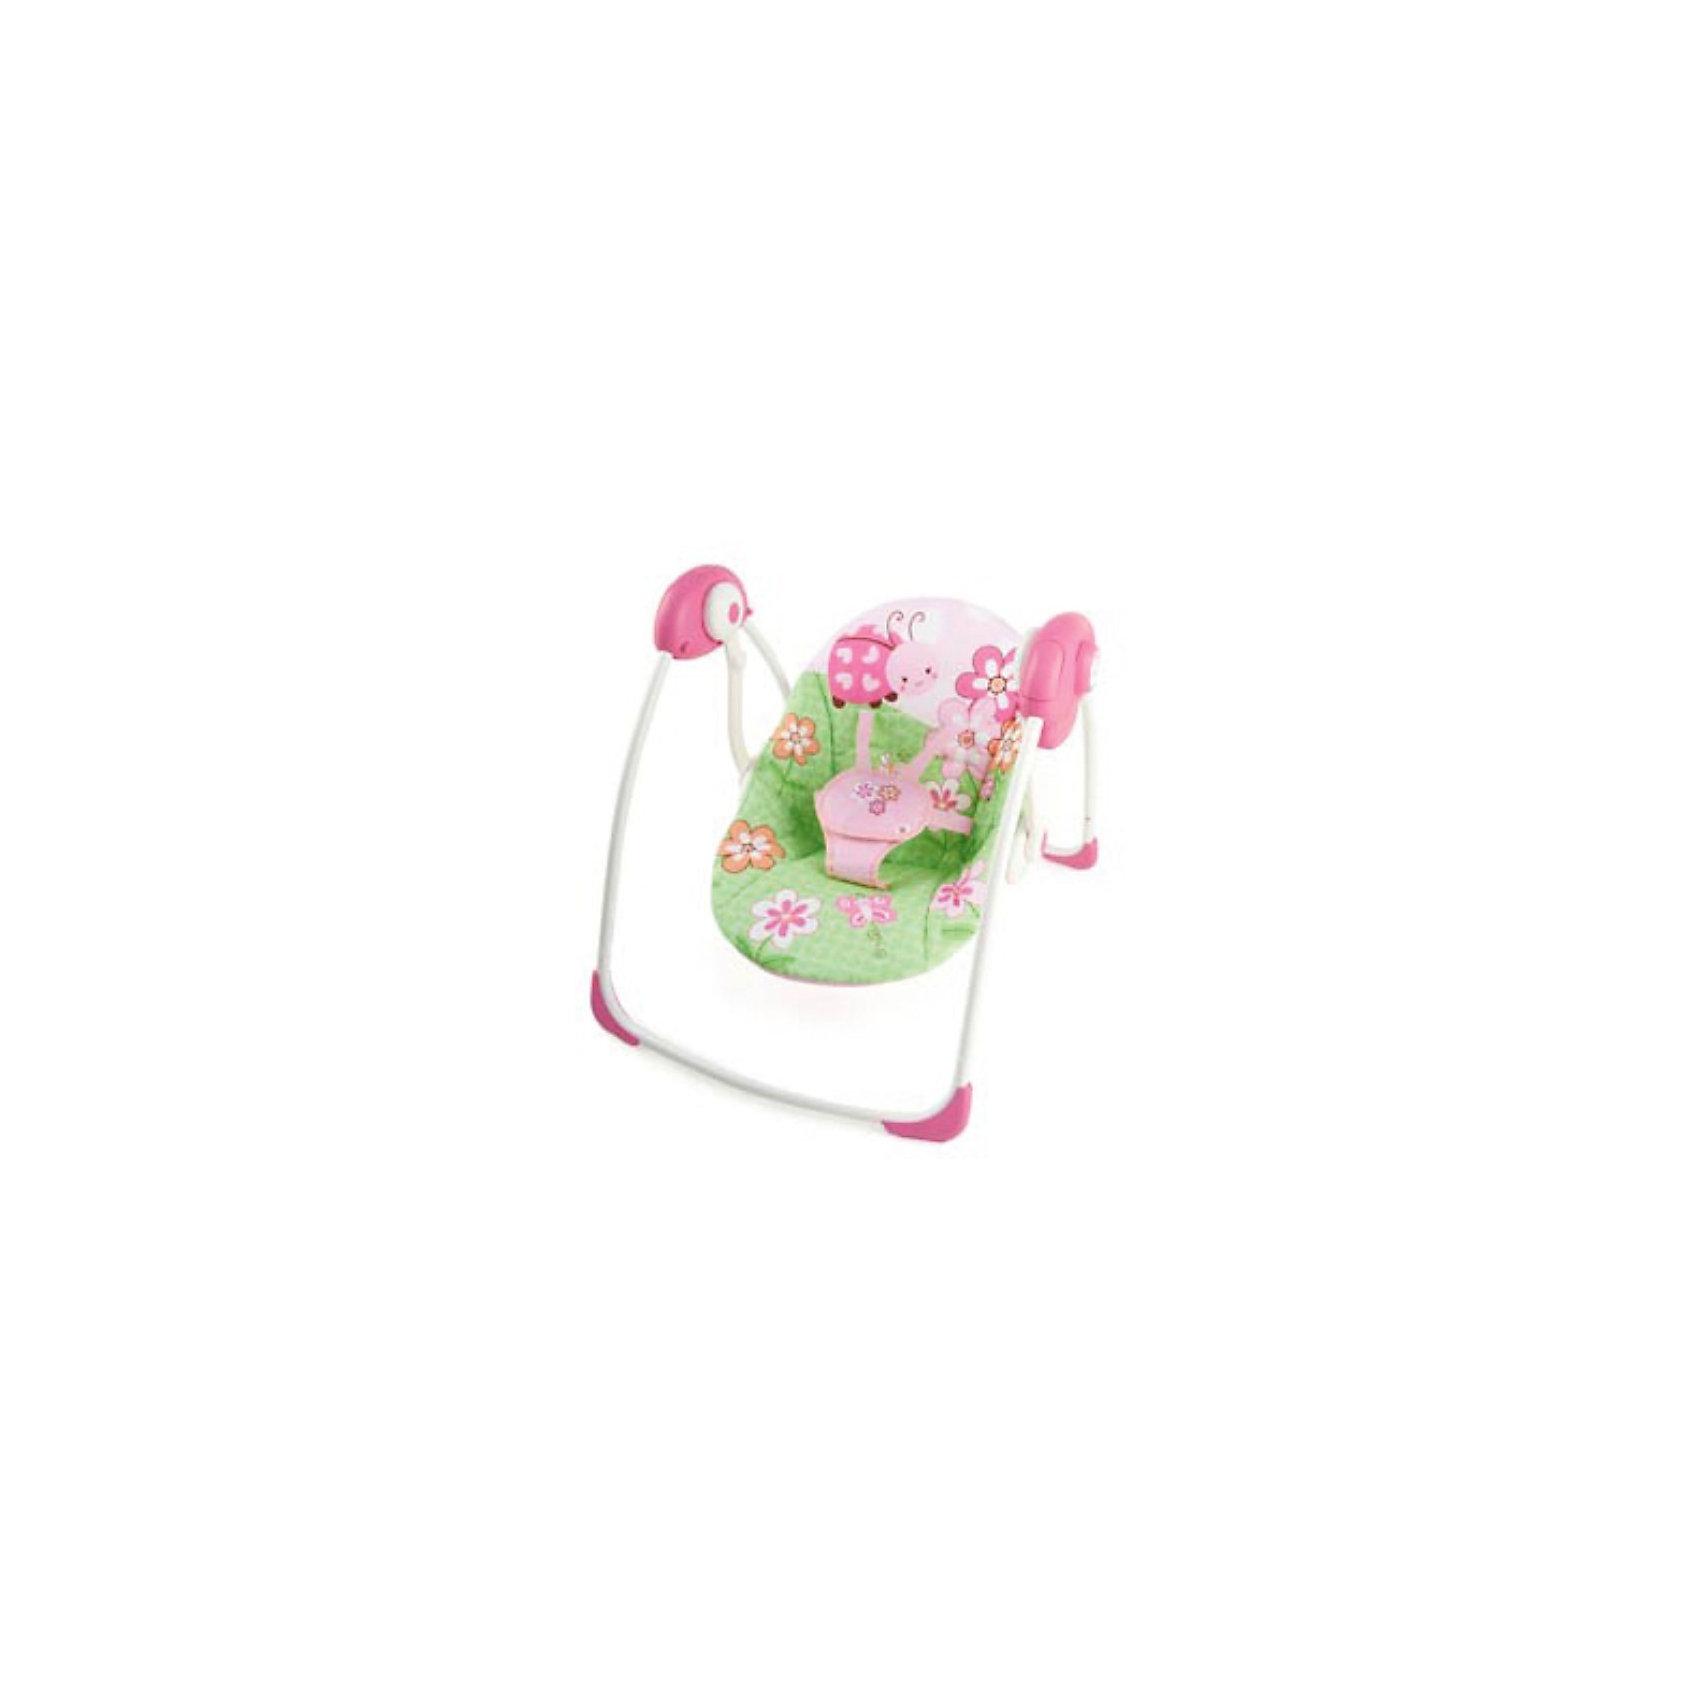 Качели Bright Starts Цветущий лугКачели предназначены для малышей от рождения до 1 года.<br><br>Маленькие принцессы с удовольствием будут отдыхать в этих милых качелях!<br><br>Технология TrueSpeed обеспечивает выбор 6-ти скоростей по мере того, как ребенок взрослеет.<br>2-х позиционное сиденье с технологией Comfort Recline, которая позволяет спинке полностью откидываться, что доставляет ребёнку дополнительный комфорт.<br>Бесшумное раскачивание благодаря технологии Whisper Quiet.<br><br>Дополнительная информация:<br><br>5-и точечный ремень безопасности<br>Легко складывается для хранения и путешествий<br>Специальные нескользкие ножки<br>Сиденье можно стирать в стиральной машине<br>Максимальный вес ребенка: 11 кг<br>Размеры товара: 57 * 72 * 58 см <br>Размеры коробки: 56 * 13 * 36 см<br><br>Качели Bright Starts Цветущий луг можно купить в нашем интернет-магазине.<br><br>Ширина мм: 570<br>Глубина мм: 360<br>Высота мм: 130<br>Вес г: 4447<br>Возраст от месяцев: 0<br>Возраст до месяцев: 12<br>Пол: Женский<br>Возраст: Детский<br>SKU: 3345328